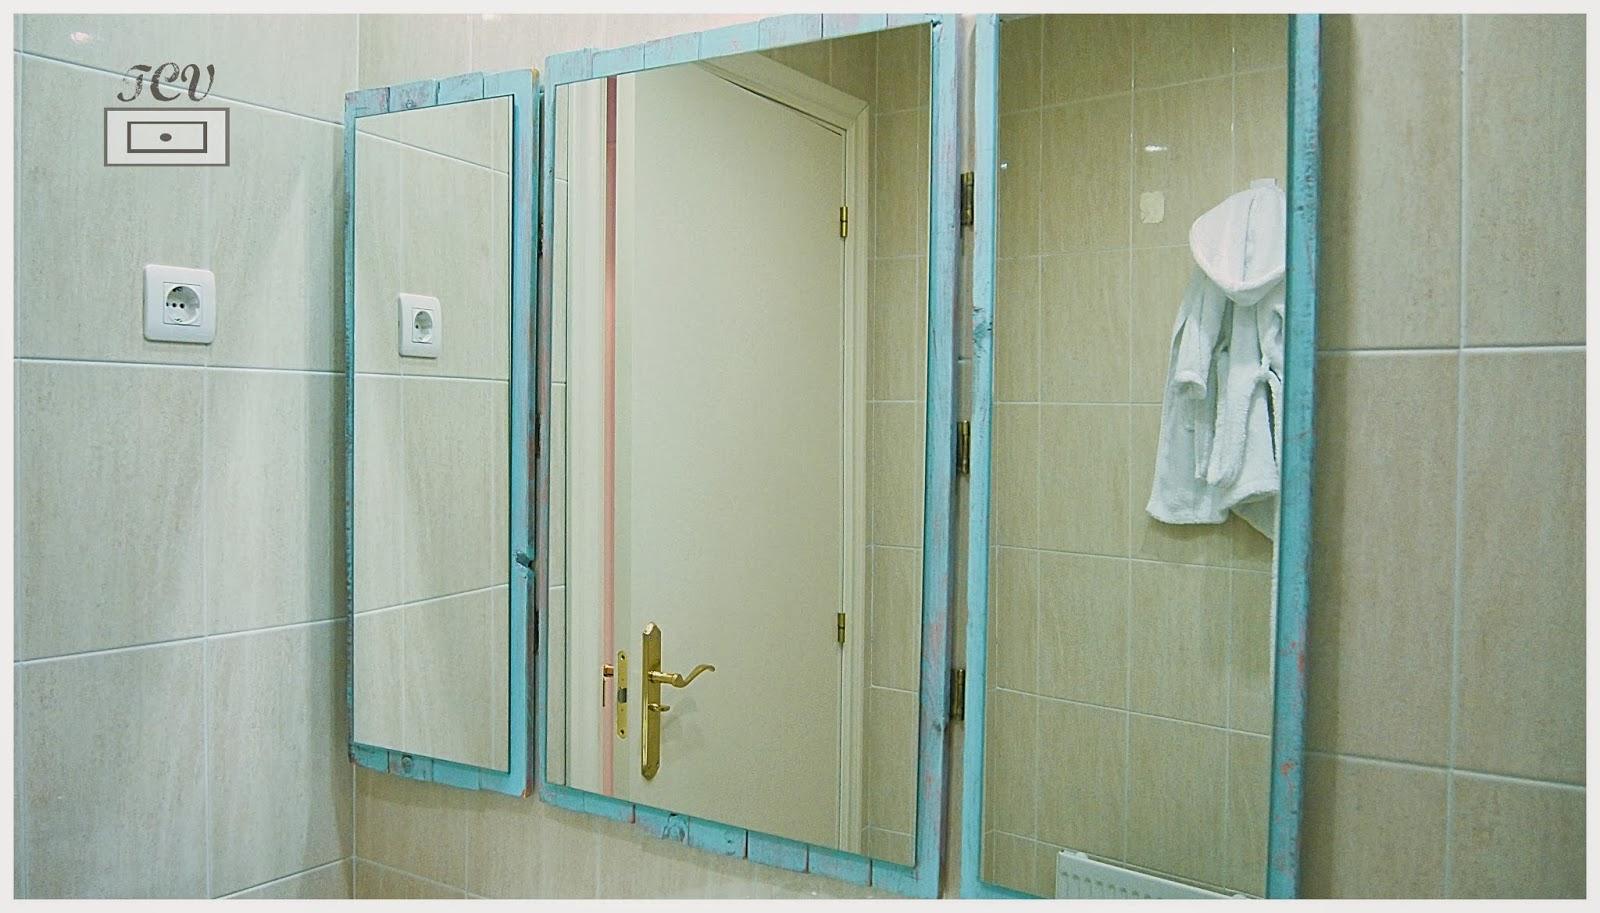 Diy espejo tr ptico bastante r stico tu caj n vintage for Pintura para hacer espejos